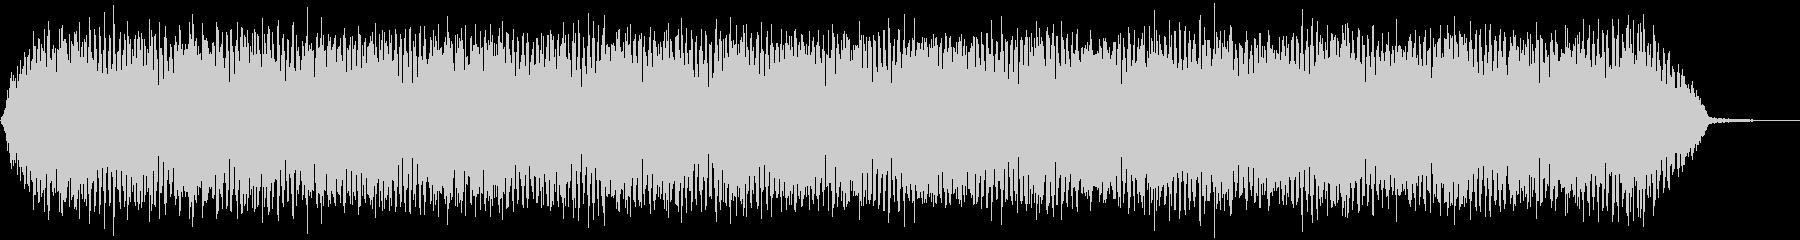 【アンビエント】ドローン_43 実験音の未再生の波形